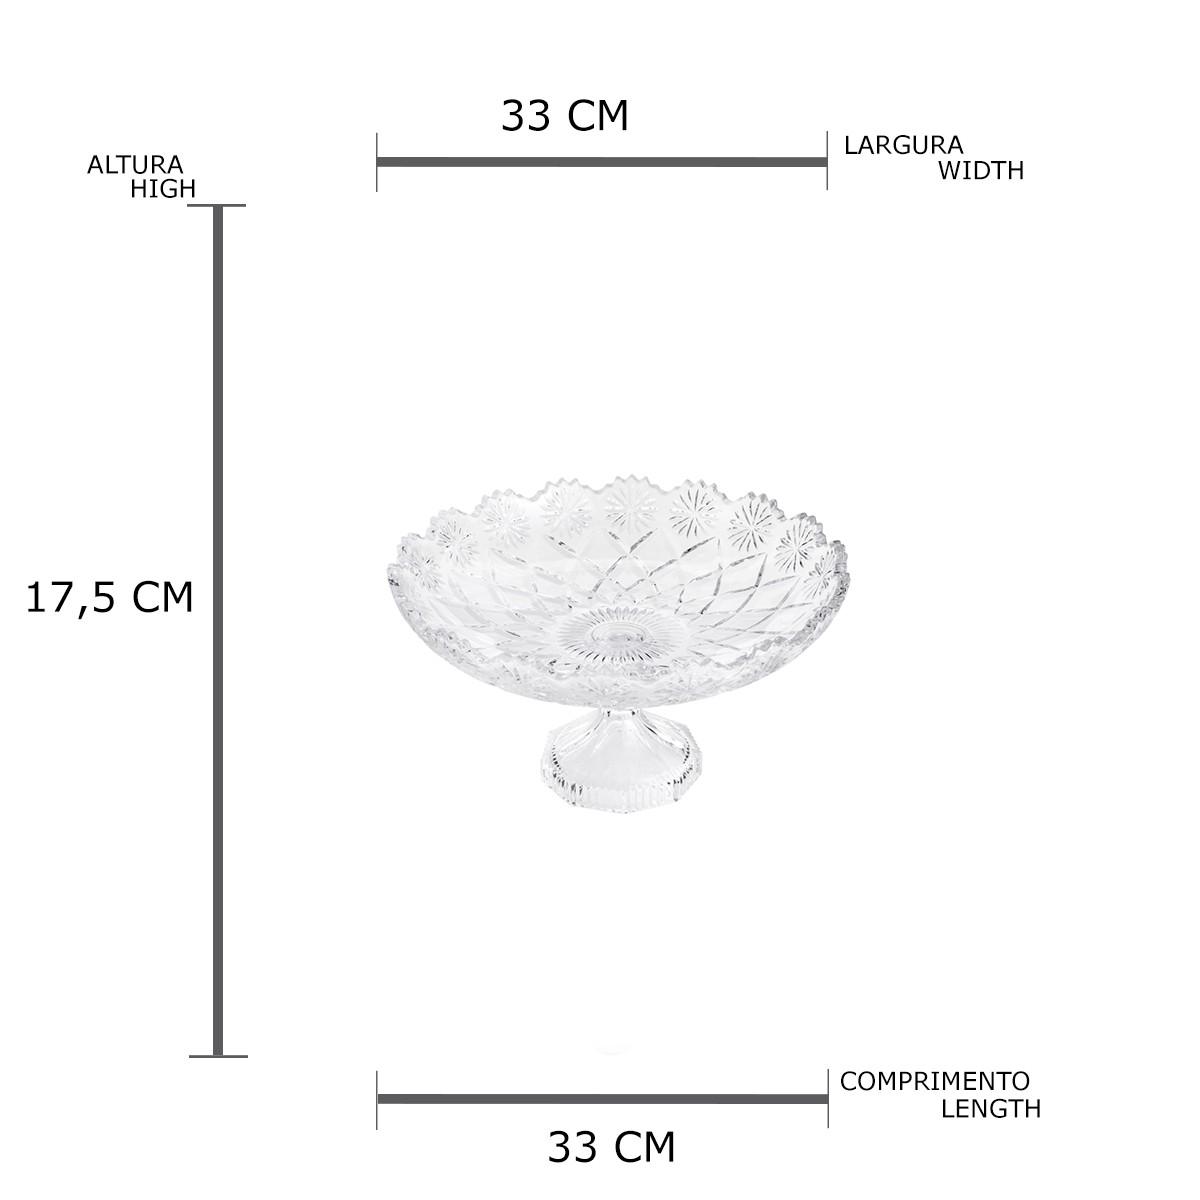 Centro de Mesa Decorativo com Pé de Cristal de Chumbo Diamond Star 33 x 17,5 cm